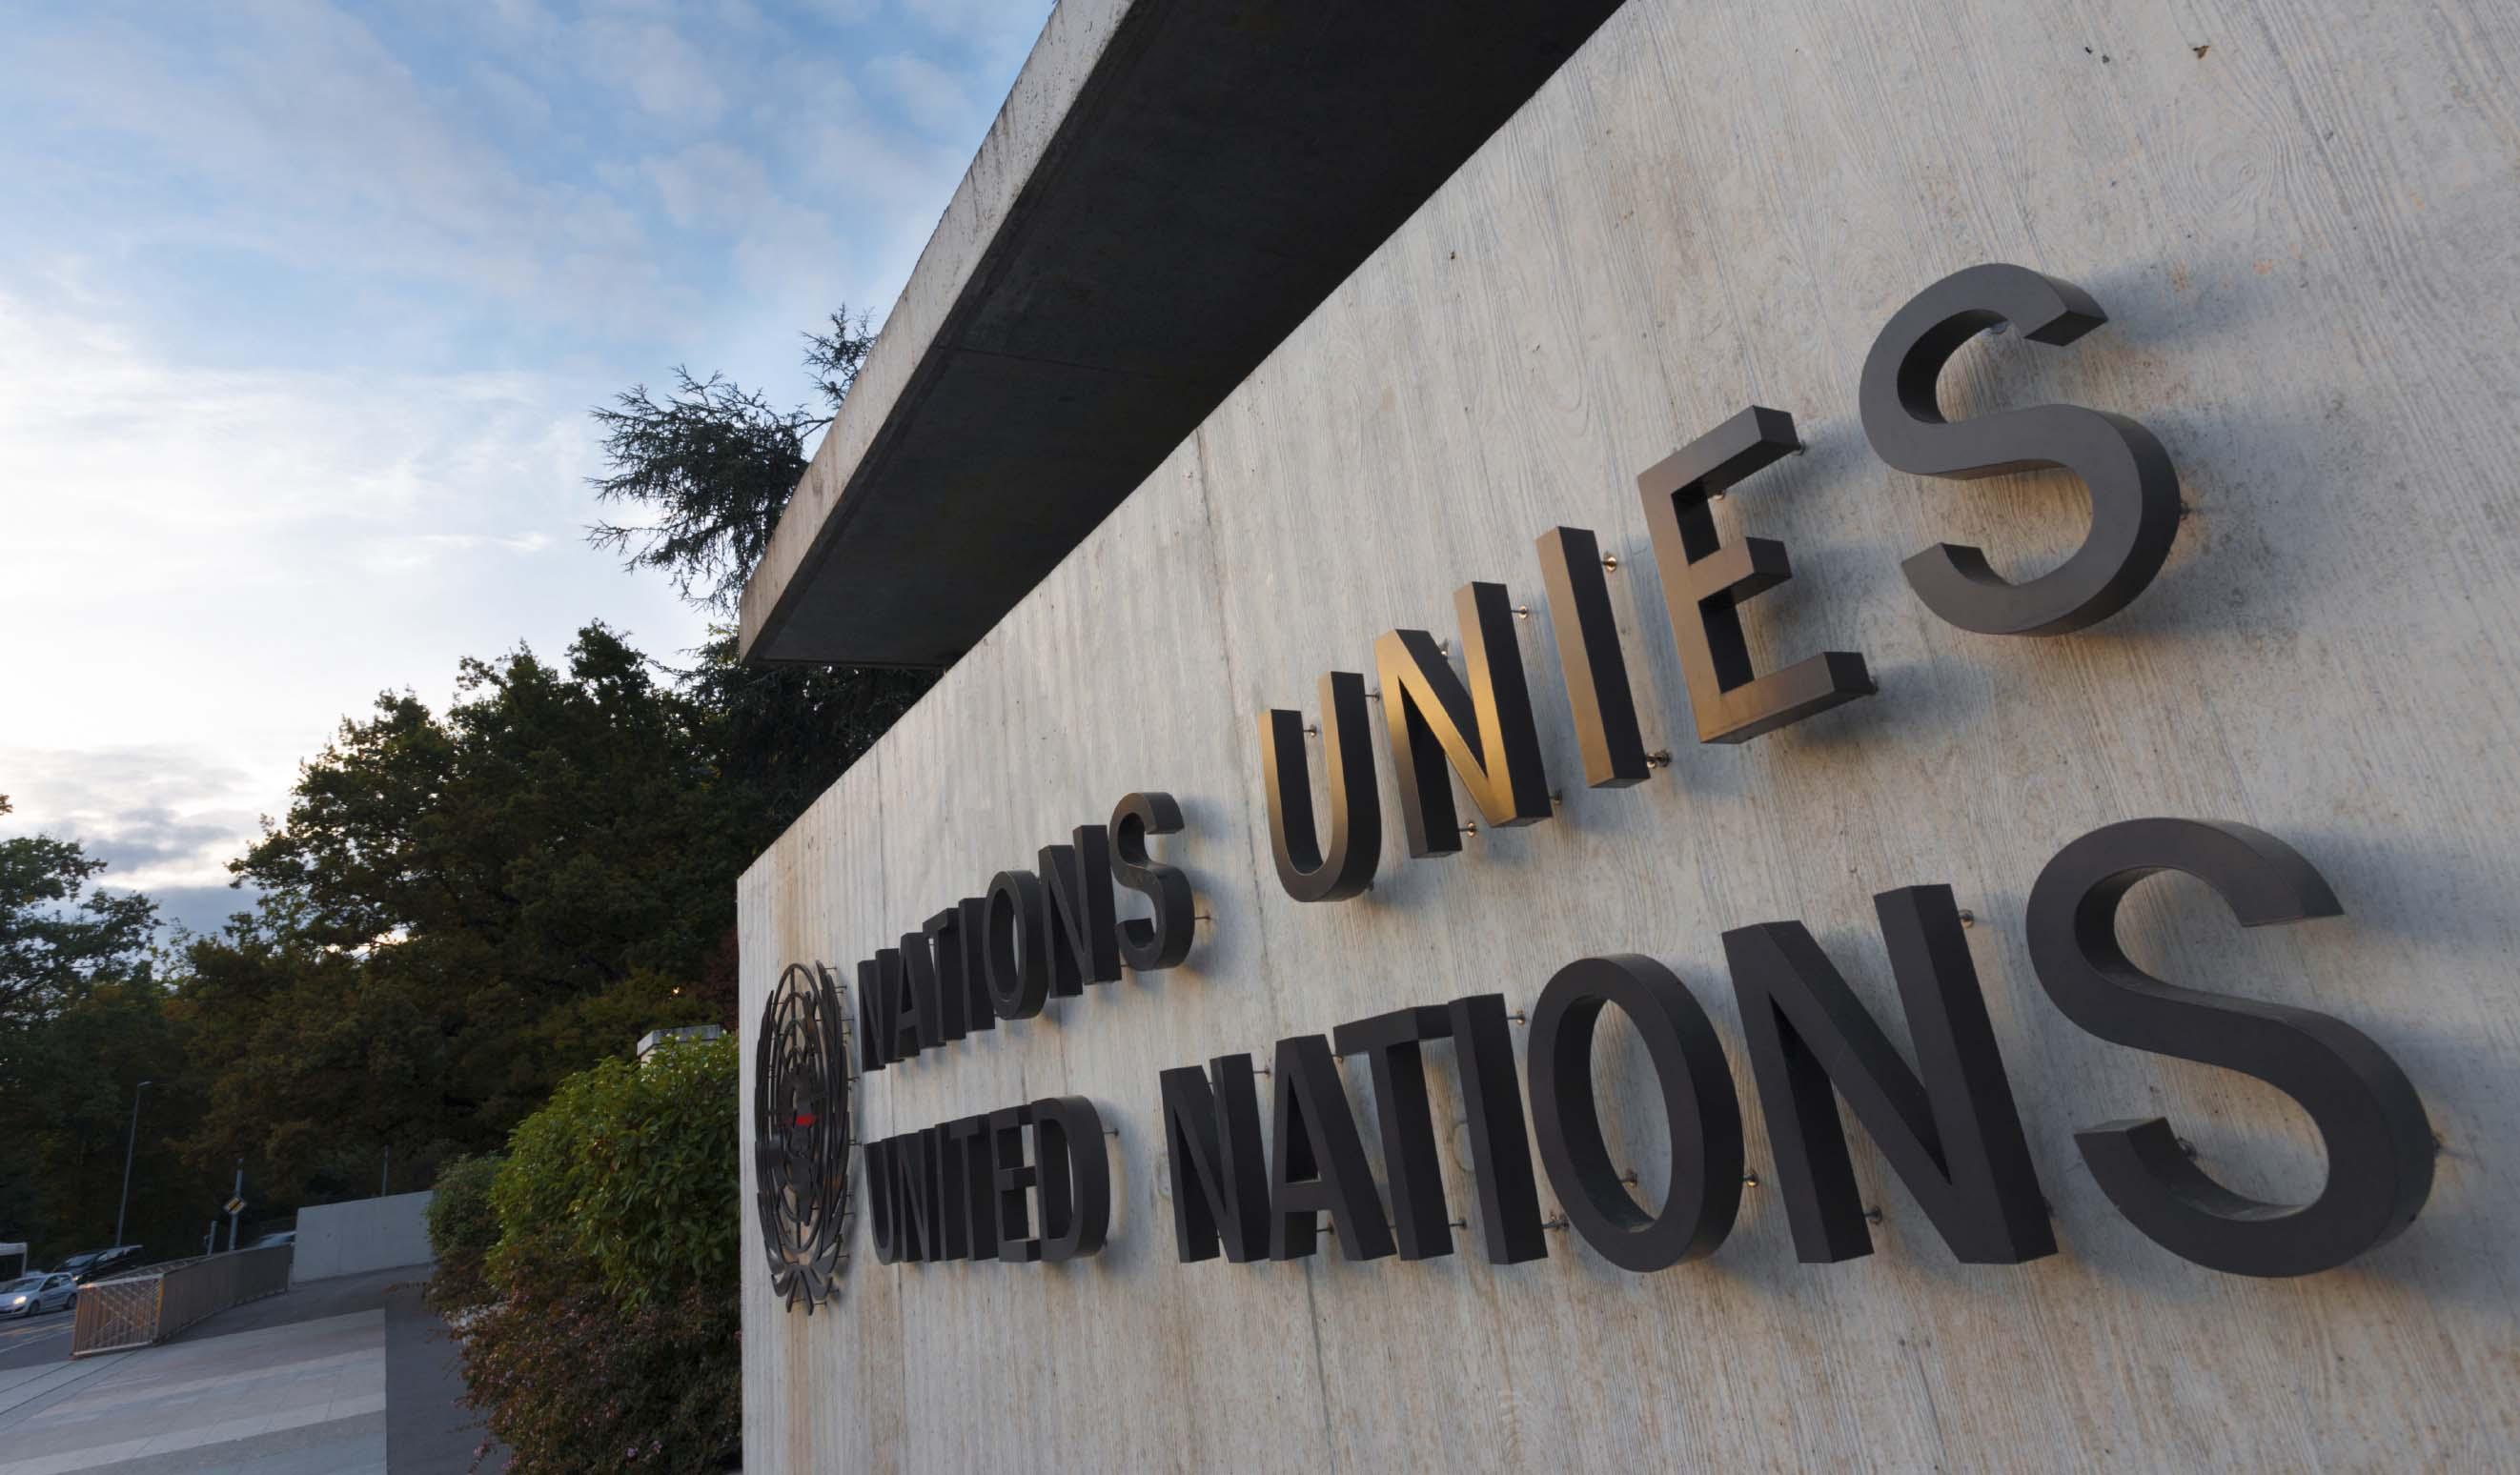 El ministro de Asuntos Exteriores de Guyana señaló que un equipo de la ONU se acercará al país para mediar sobre la disputa sobre el Esequibo